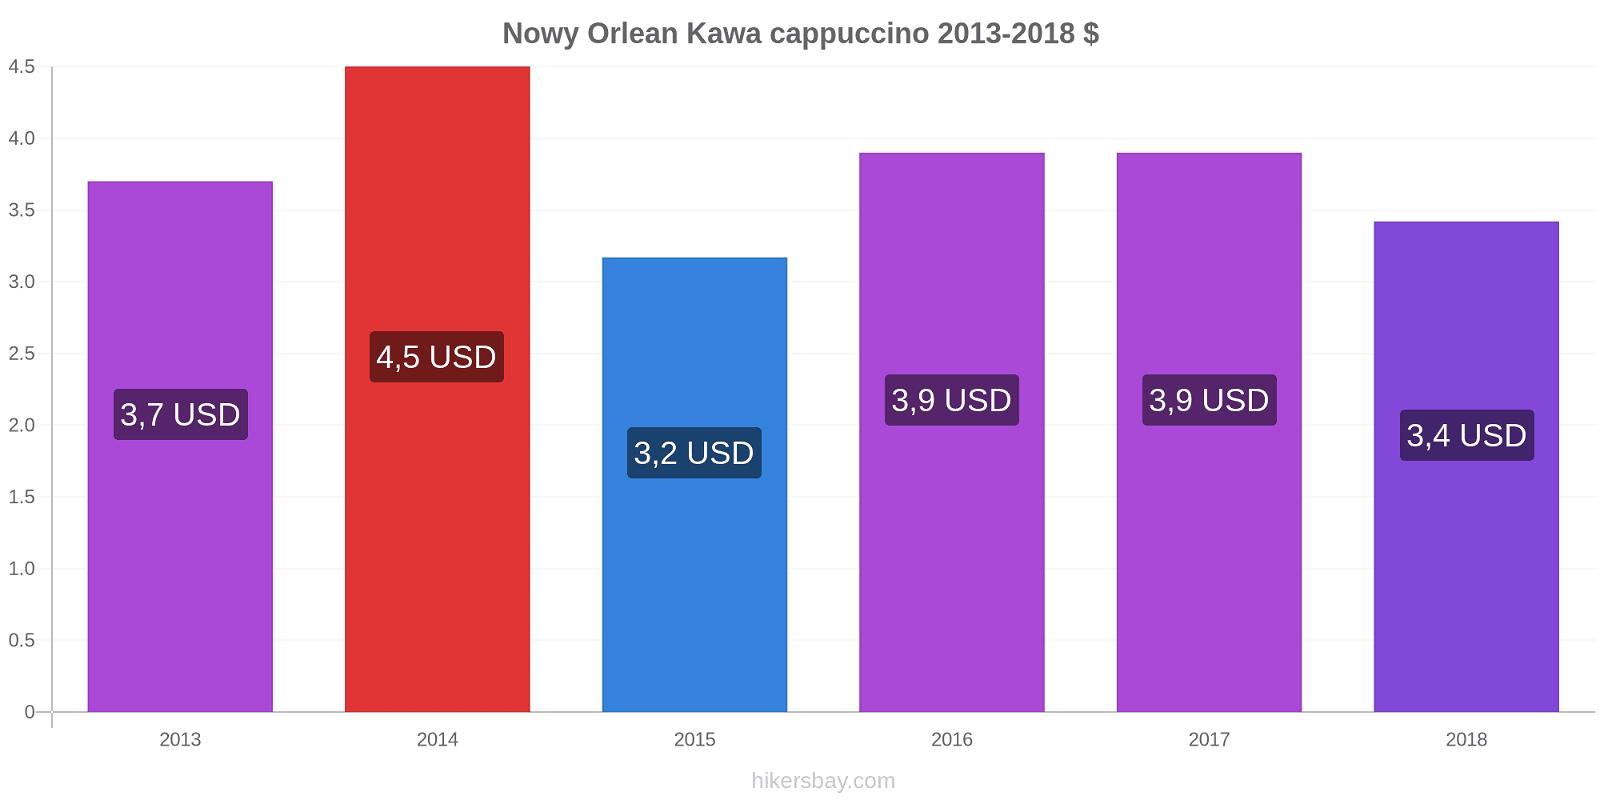 Nowy Orlean zmiany cen Kawa cappuccino hikersbay.com